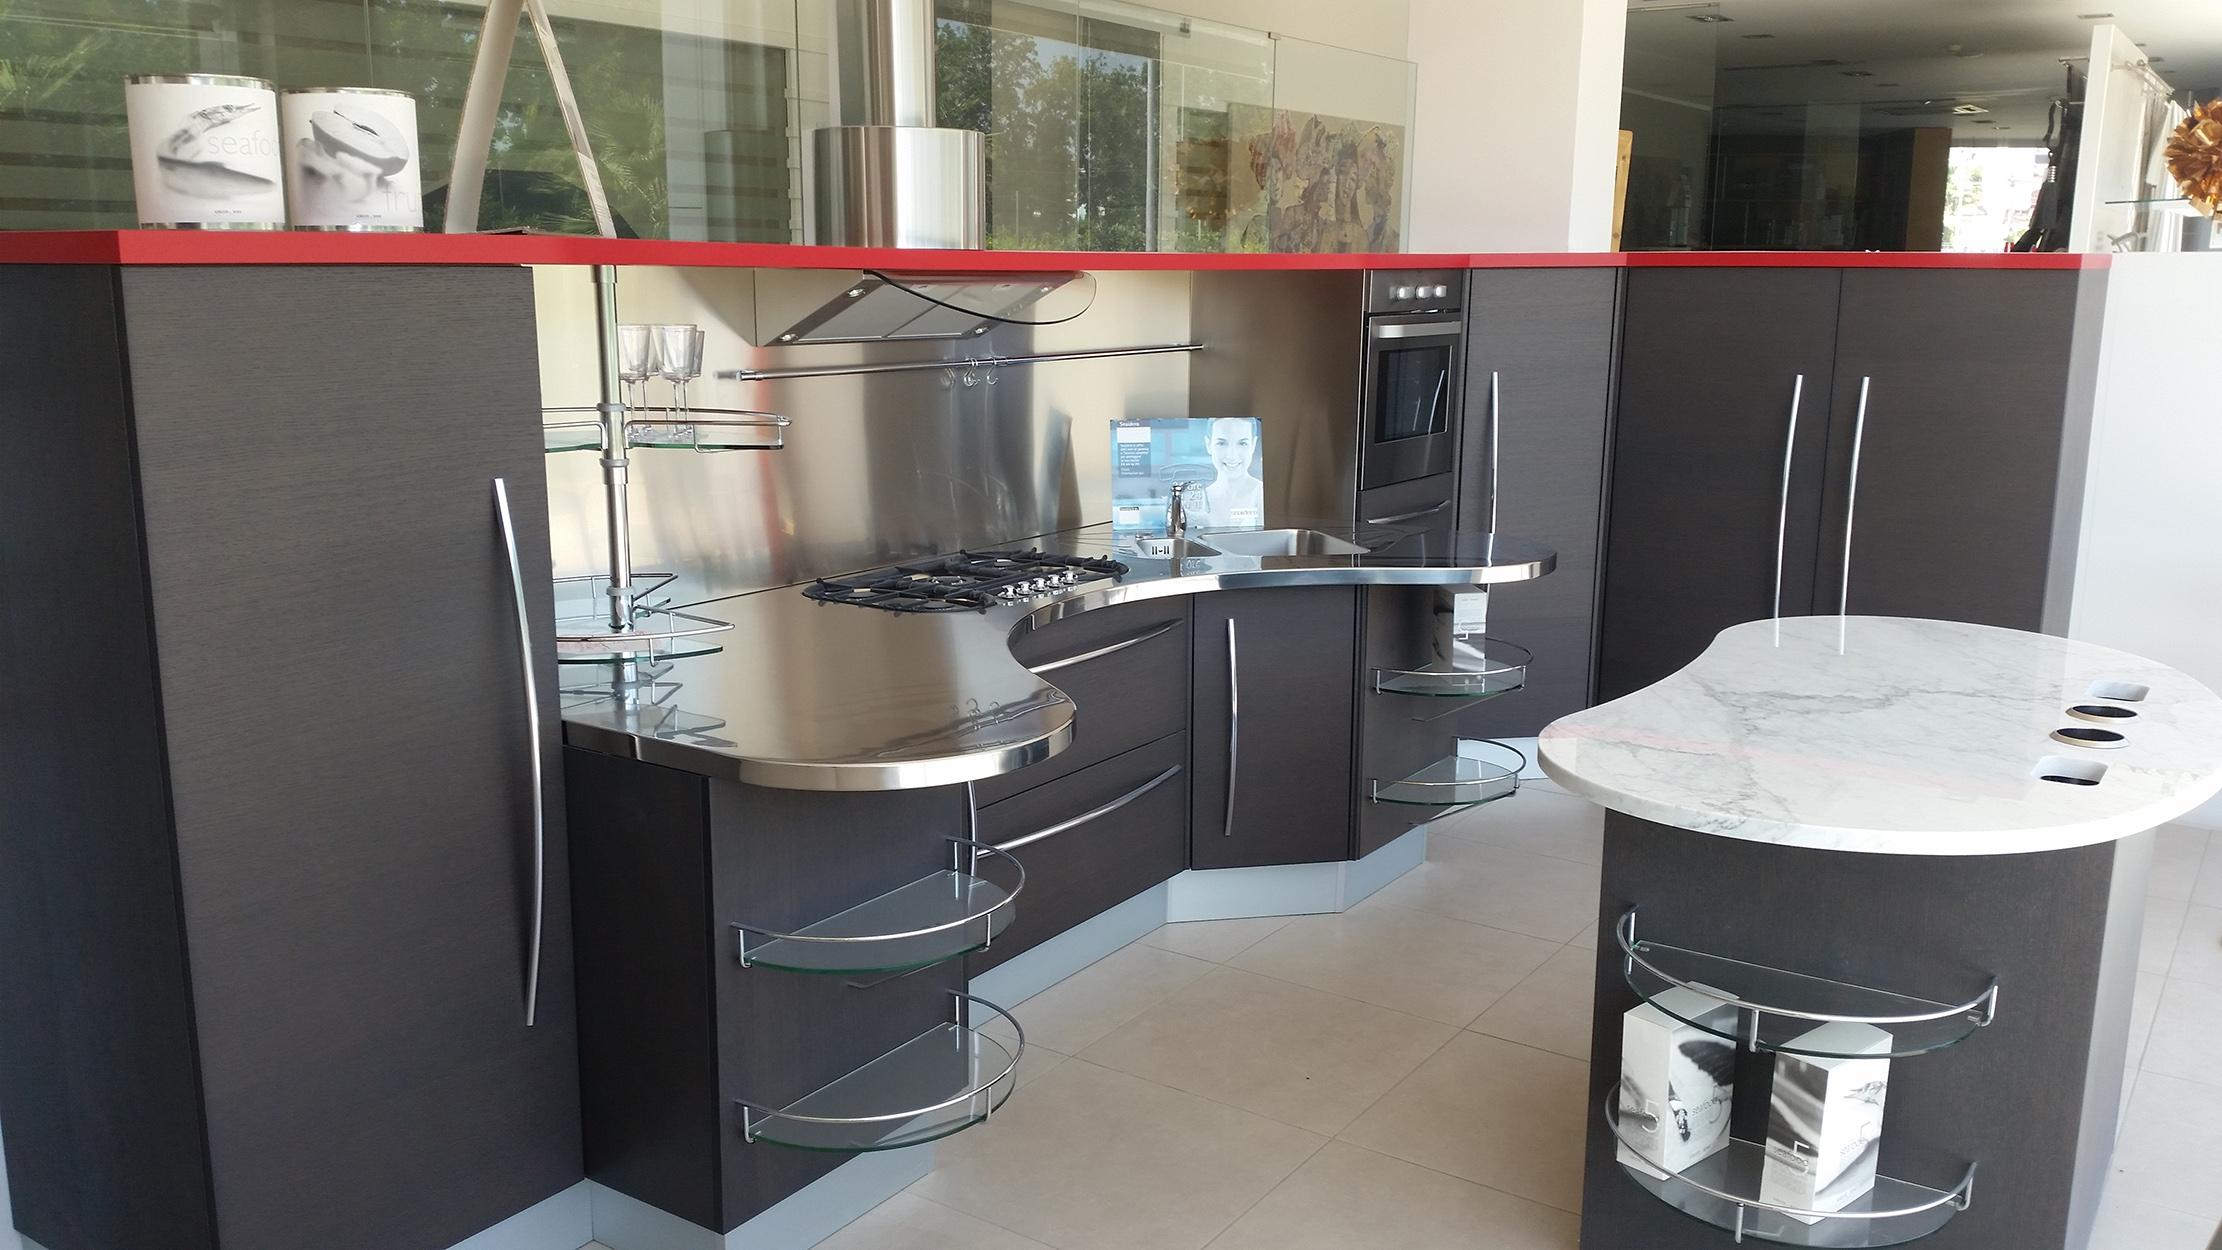 Cucina Snaidero Skyline ~ Idee Creative su Design Per La Casa e Interni